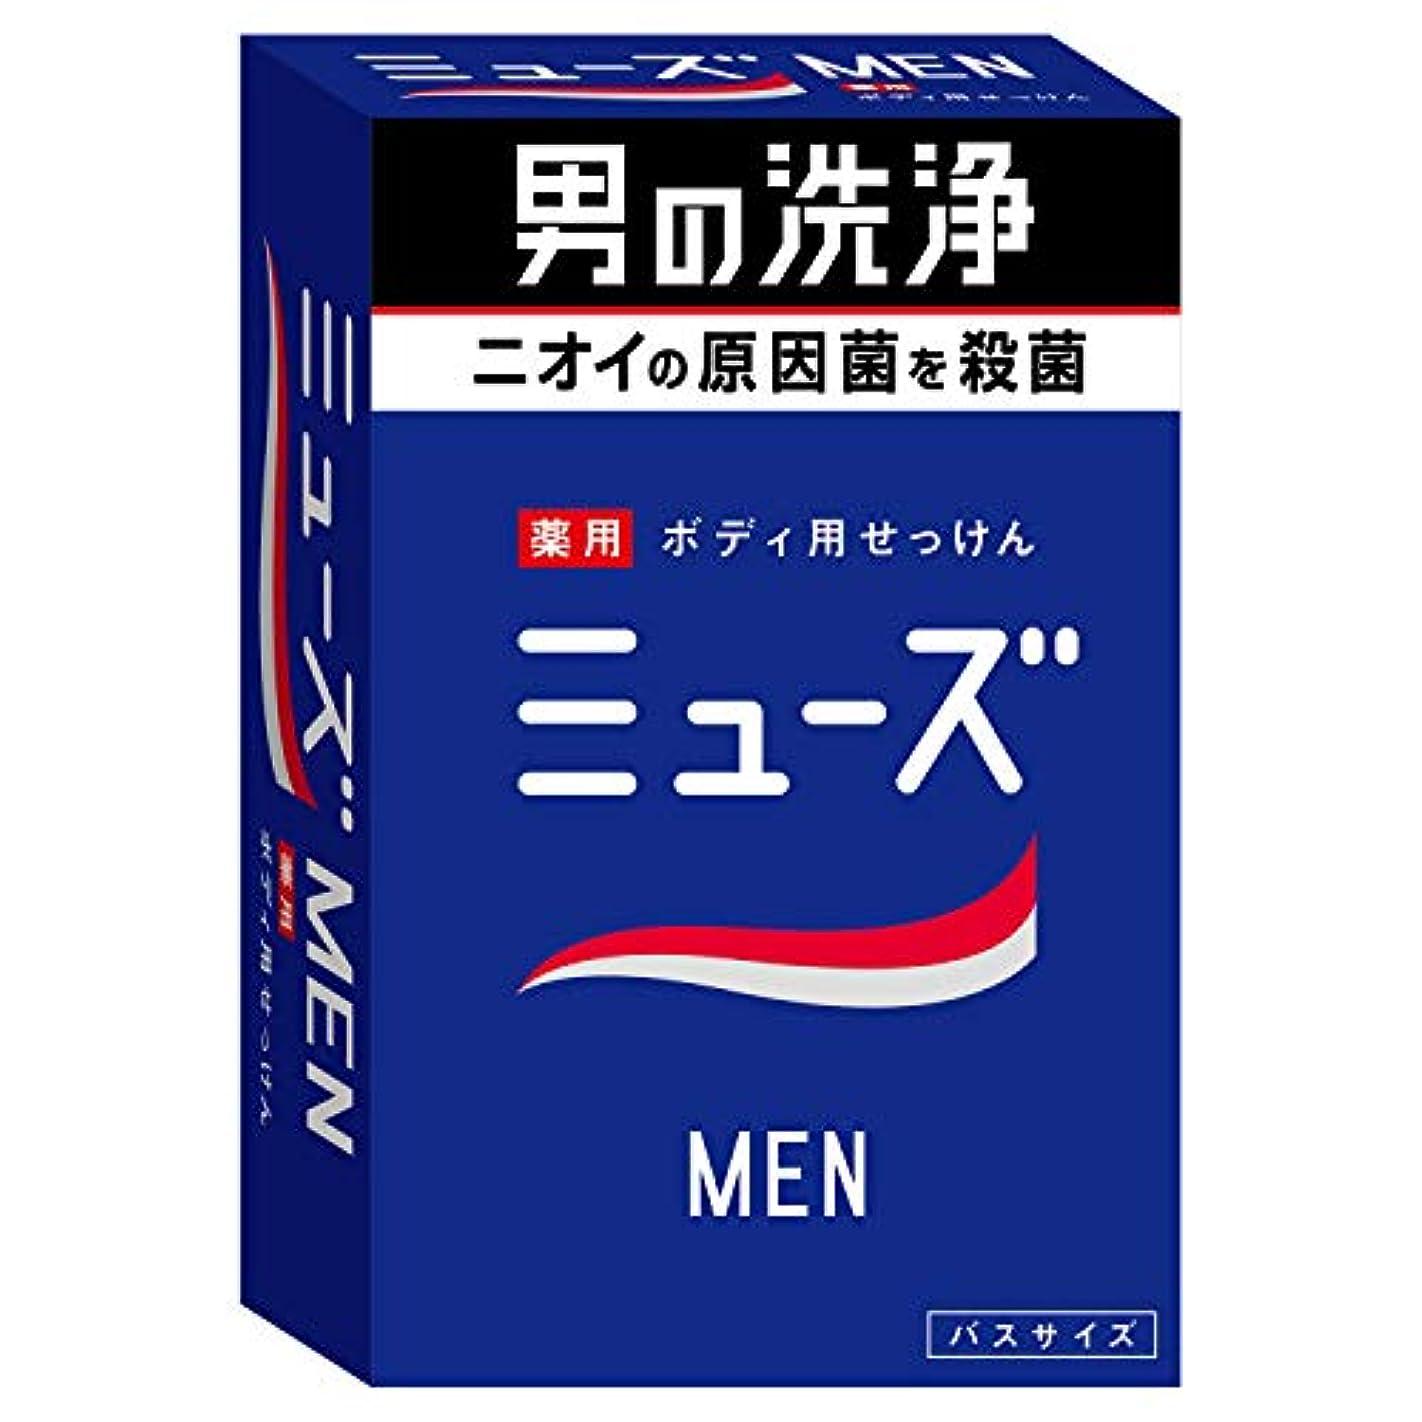 俳優繁栄するパブ【医薬部外品】ミューズメン 石鹸 135g